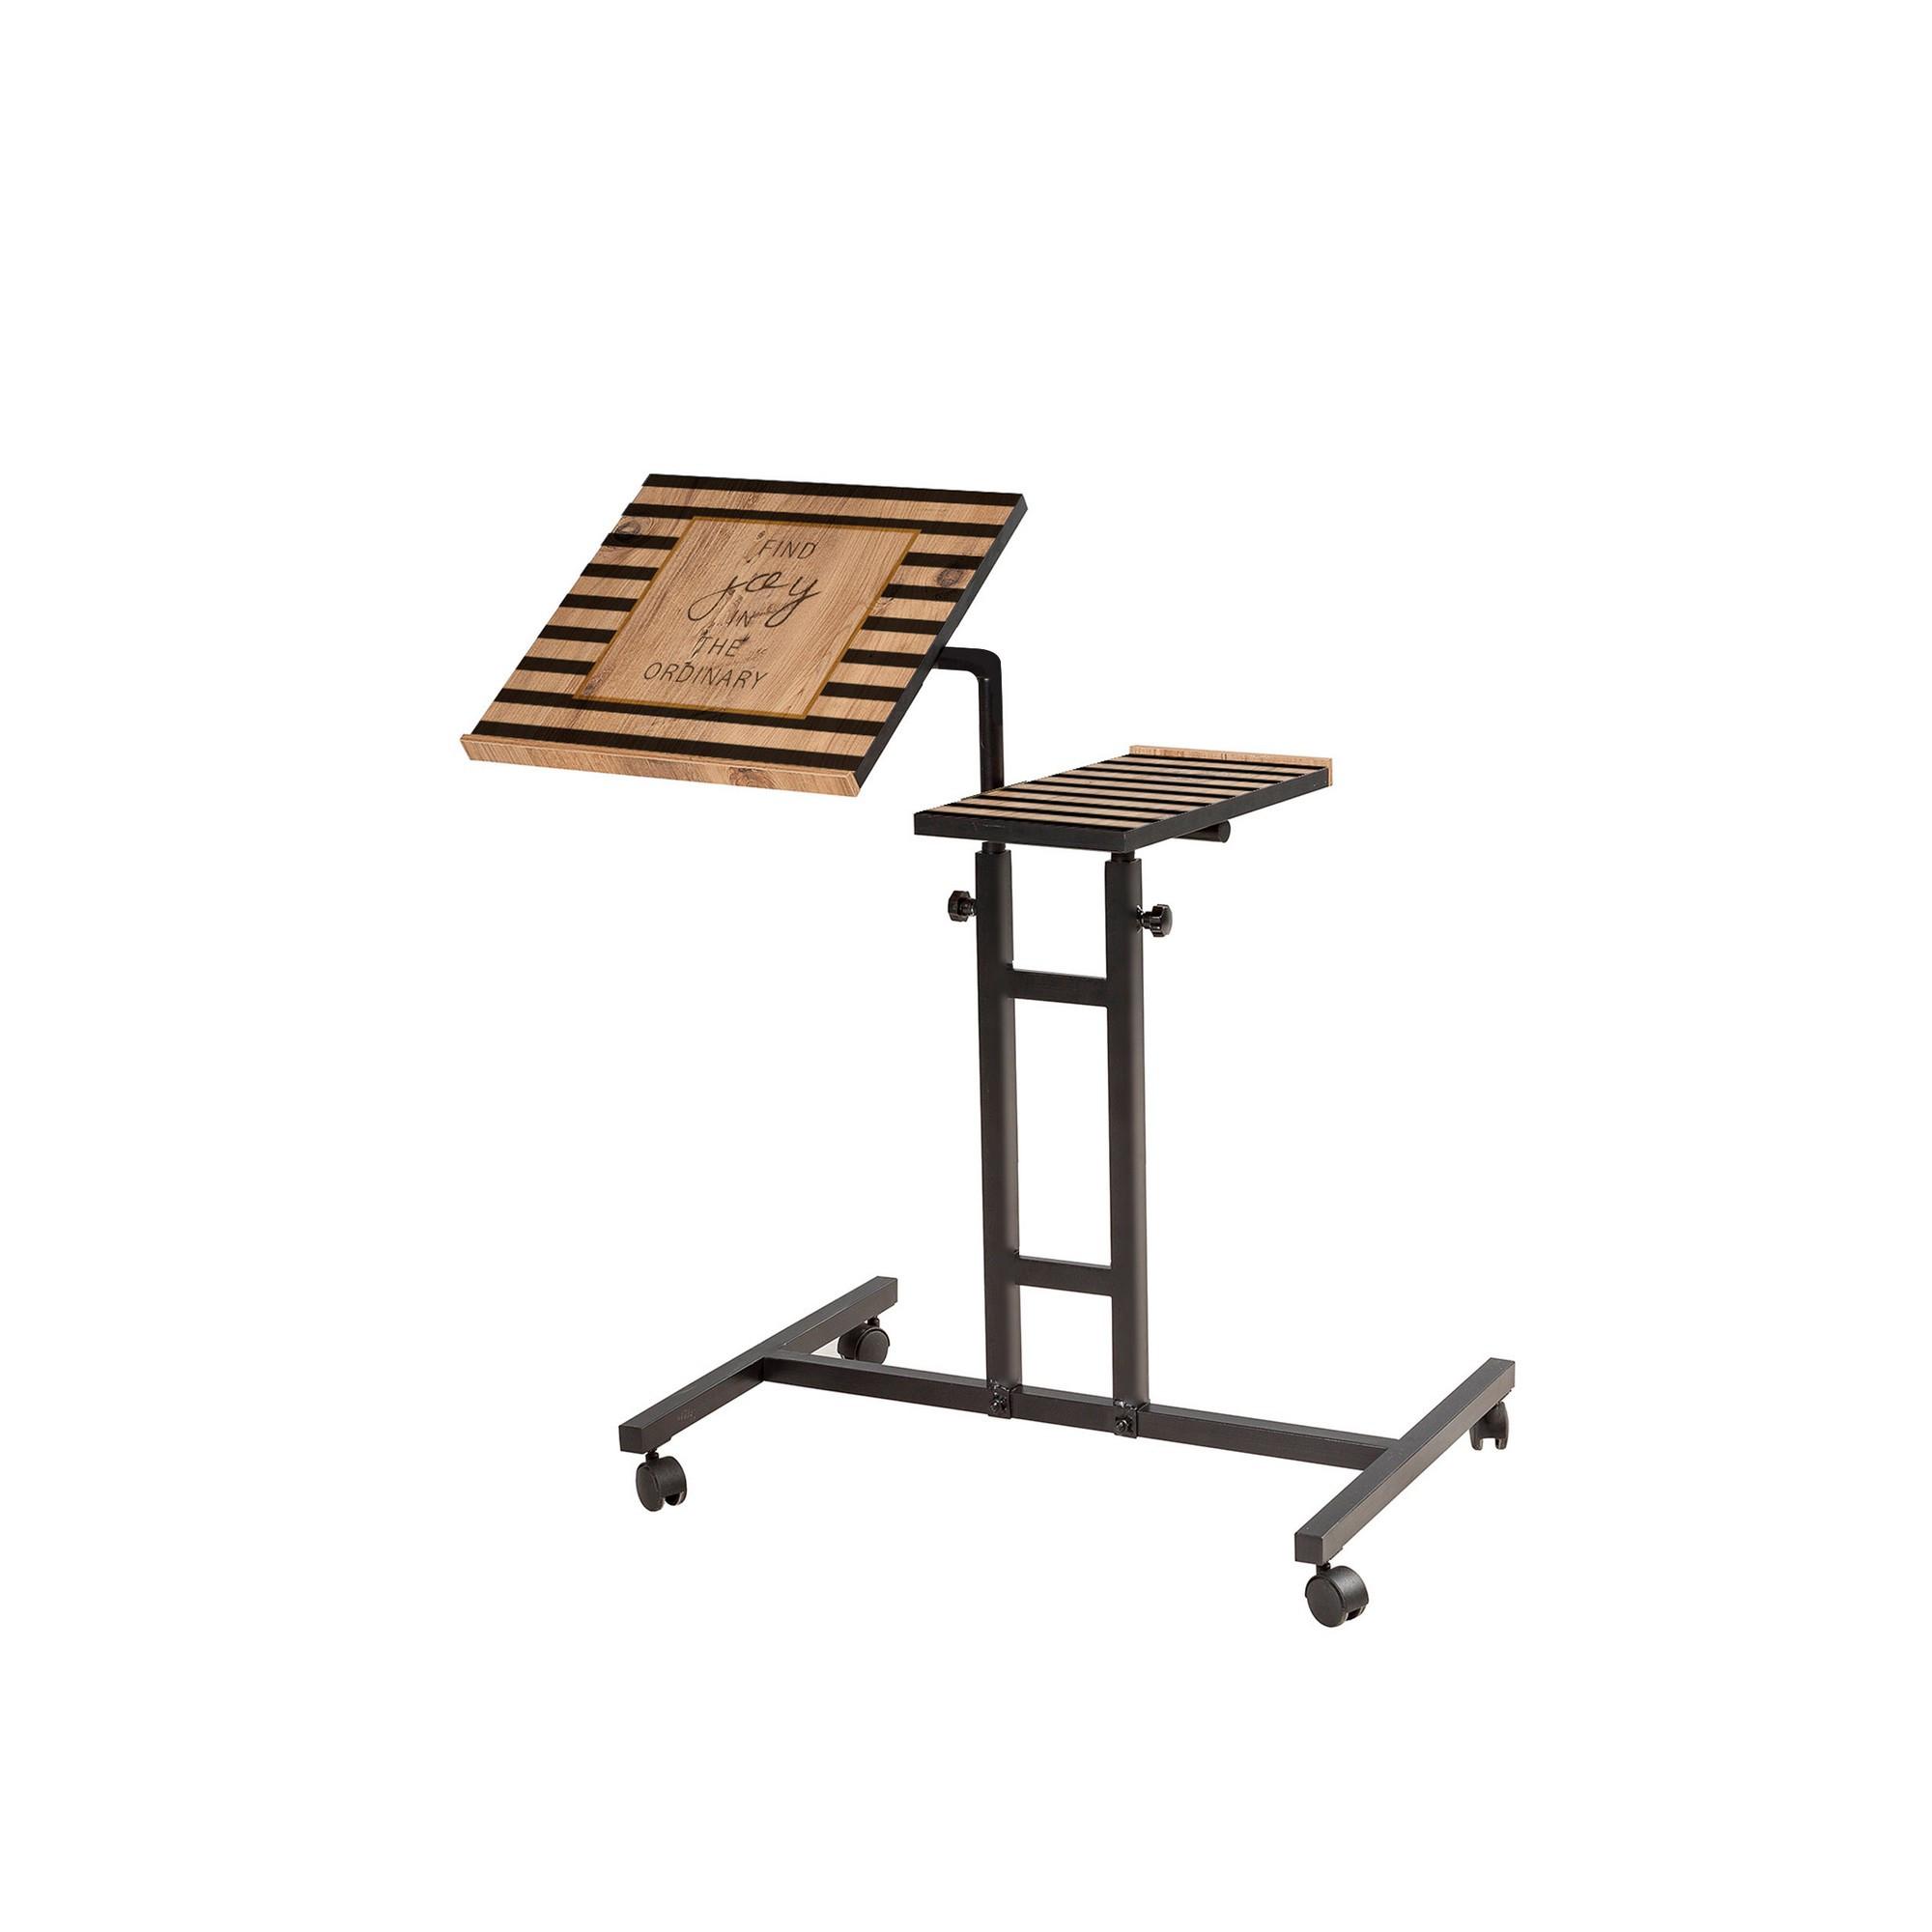 Verstellbarer Laptop-Stehtisch Glen - 768 | Black Pine